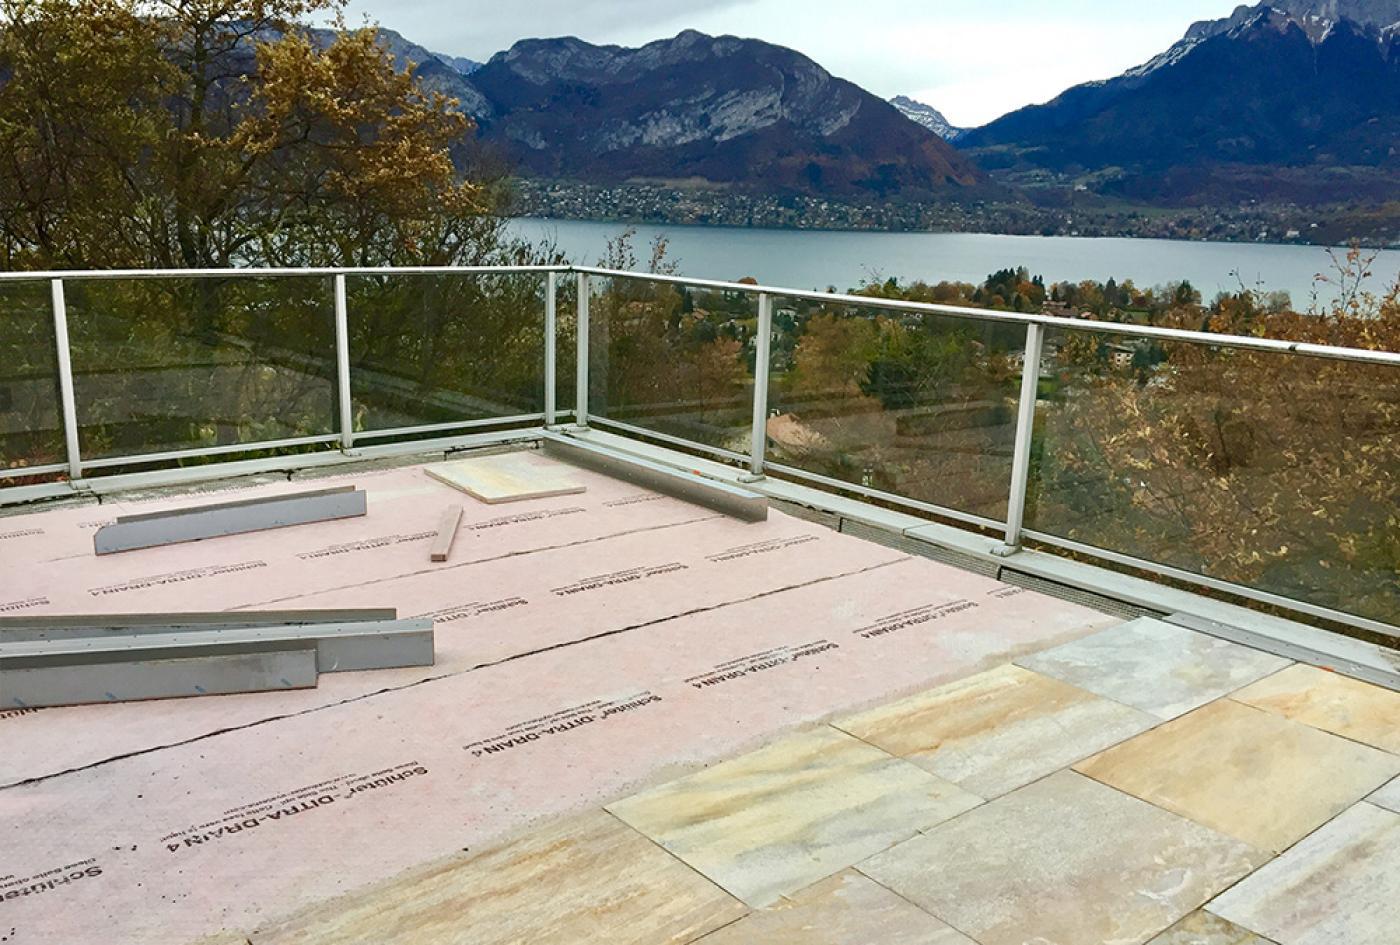 rénovation terrasse clés en main haute savoie annecy